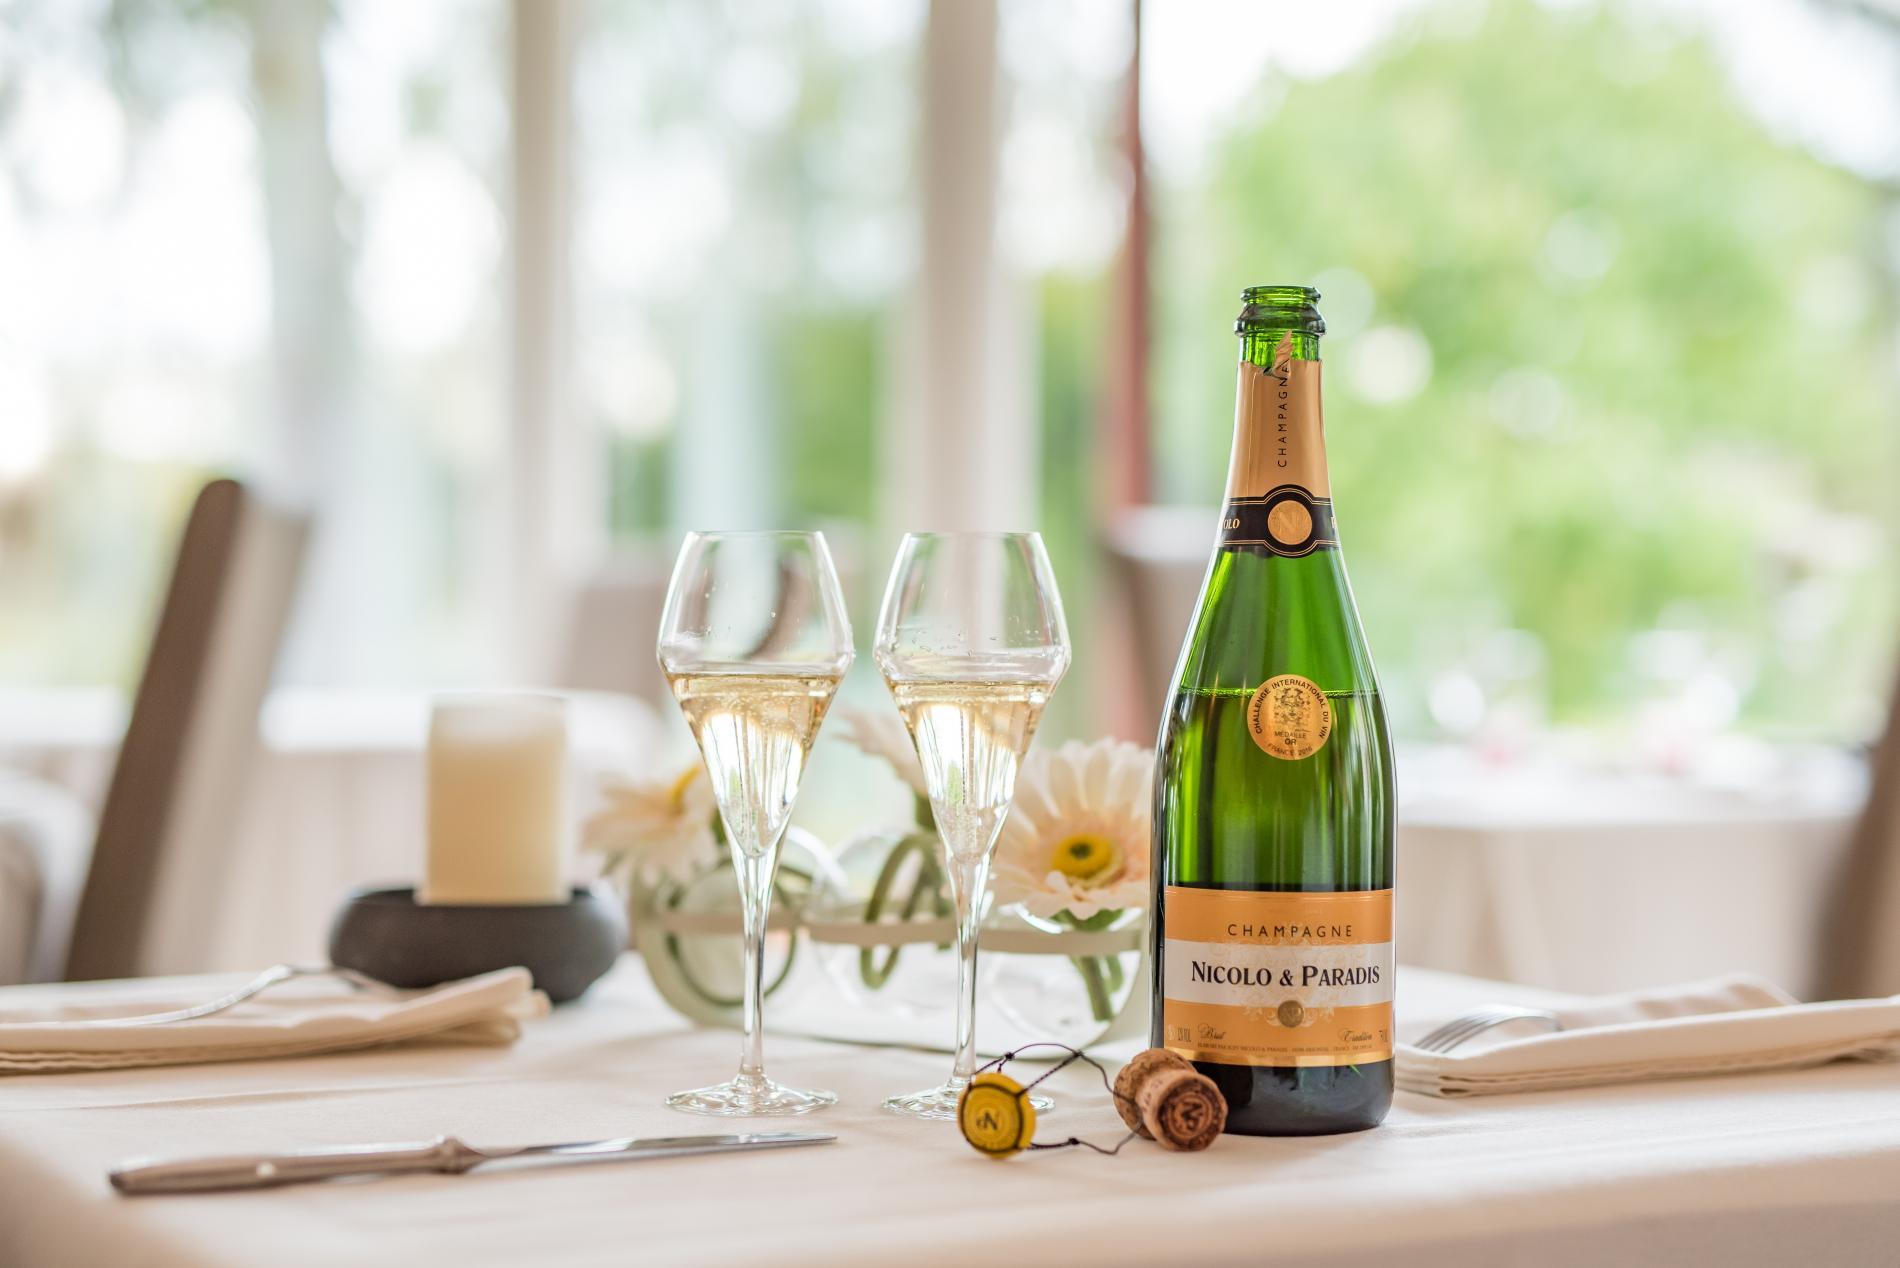 Tarifs et offres de l hostellerie de la chaumiere - Combien de bouteille de champagne par personne ...